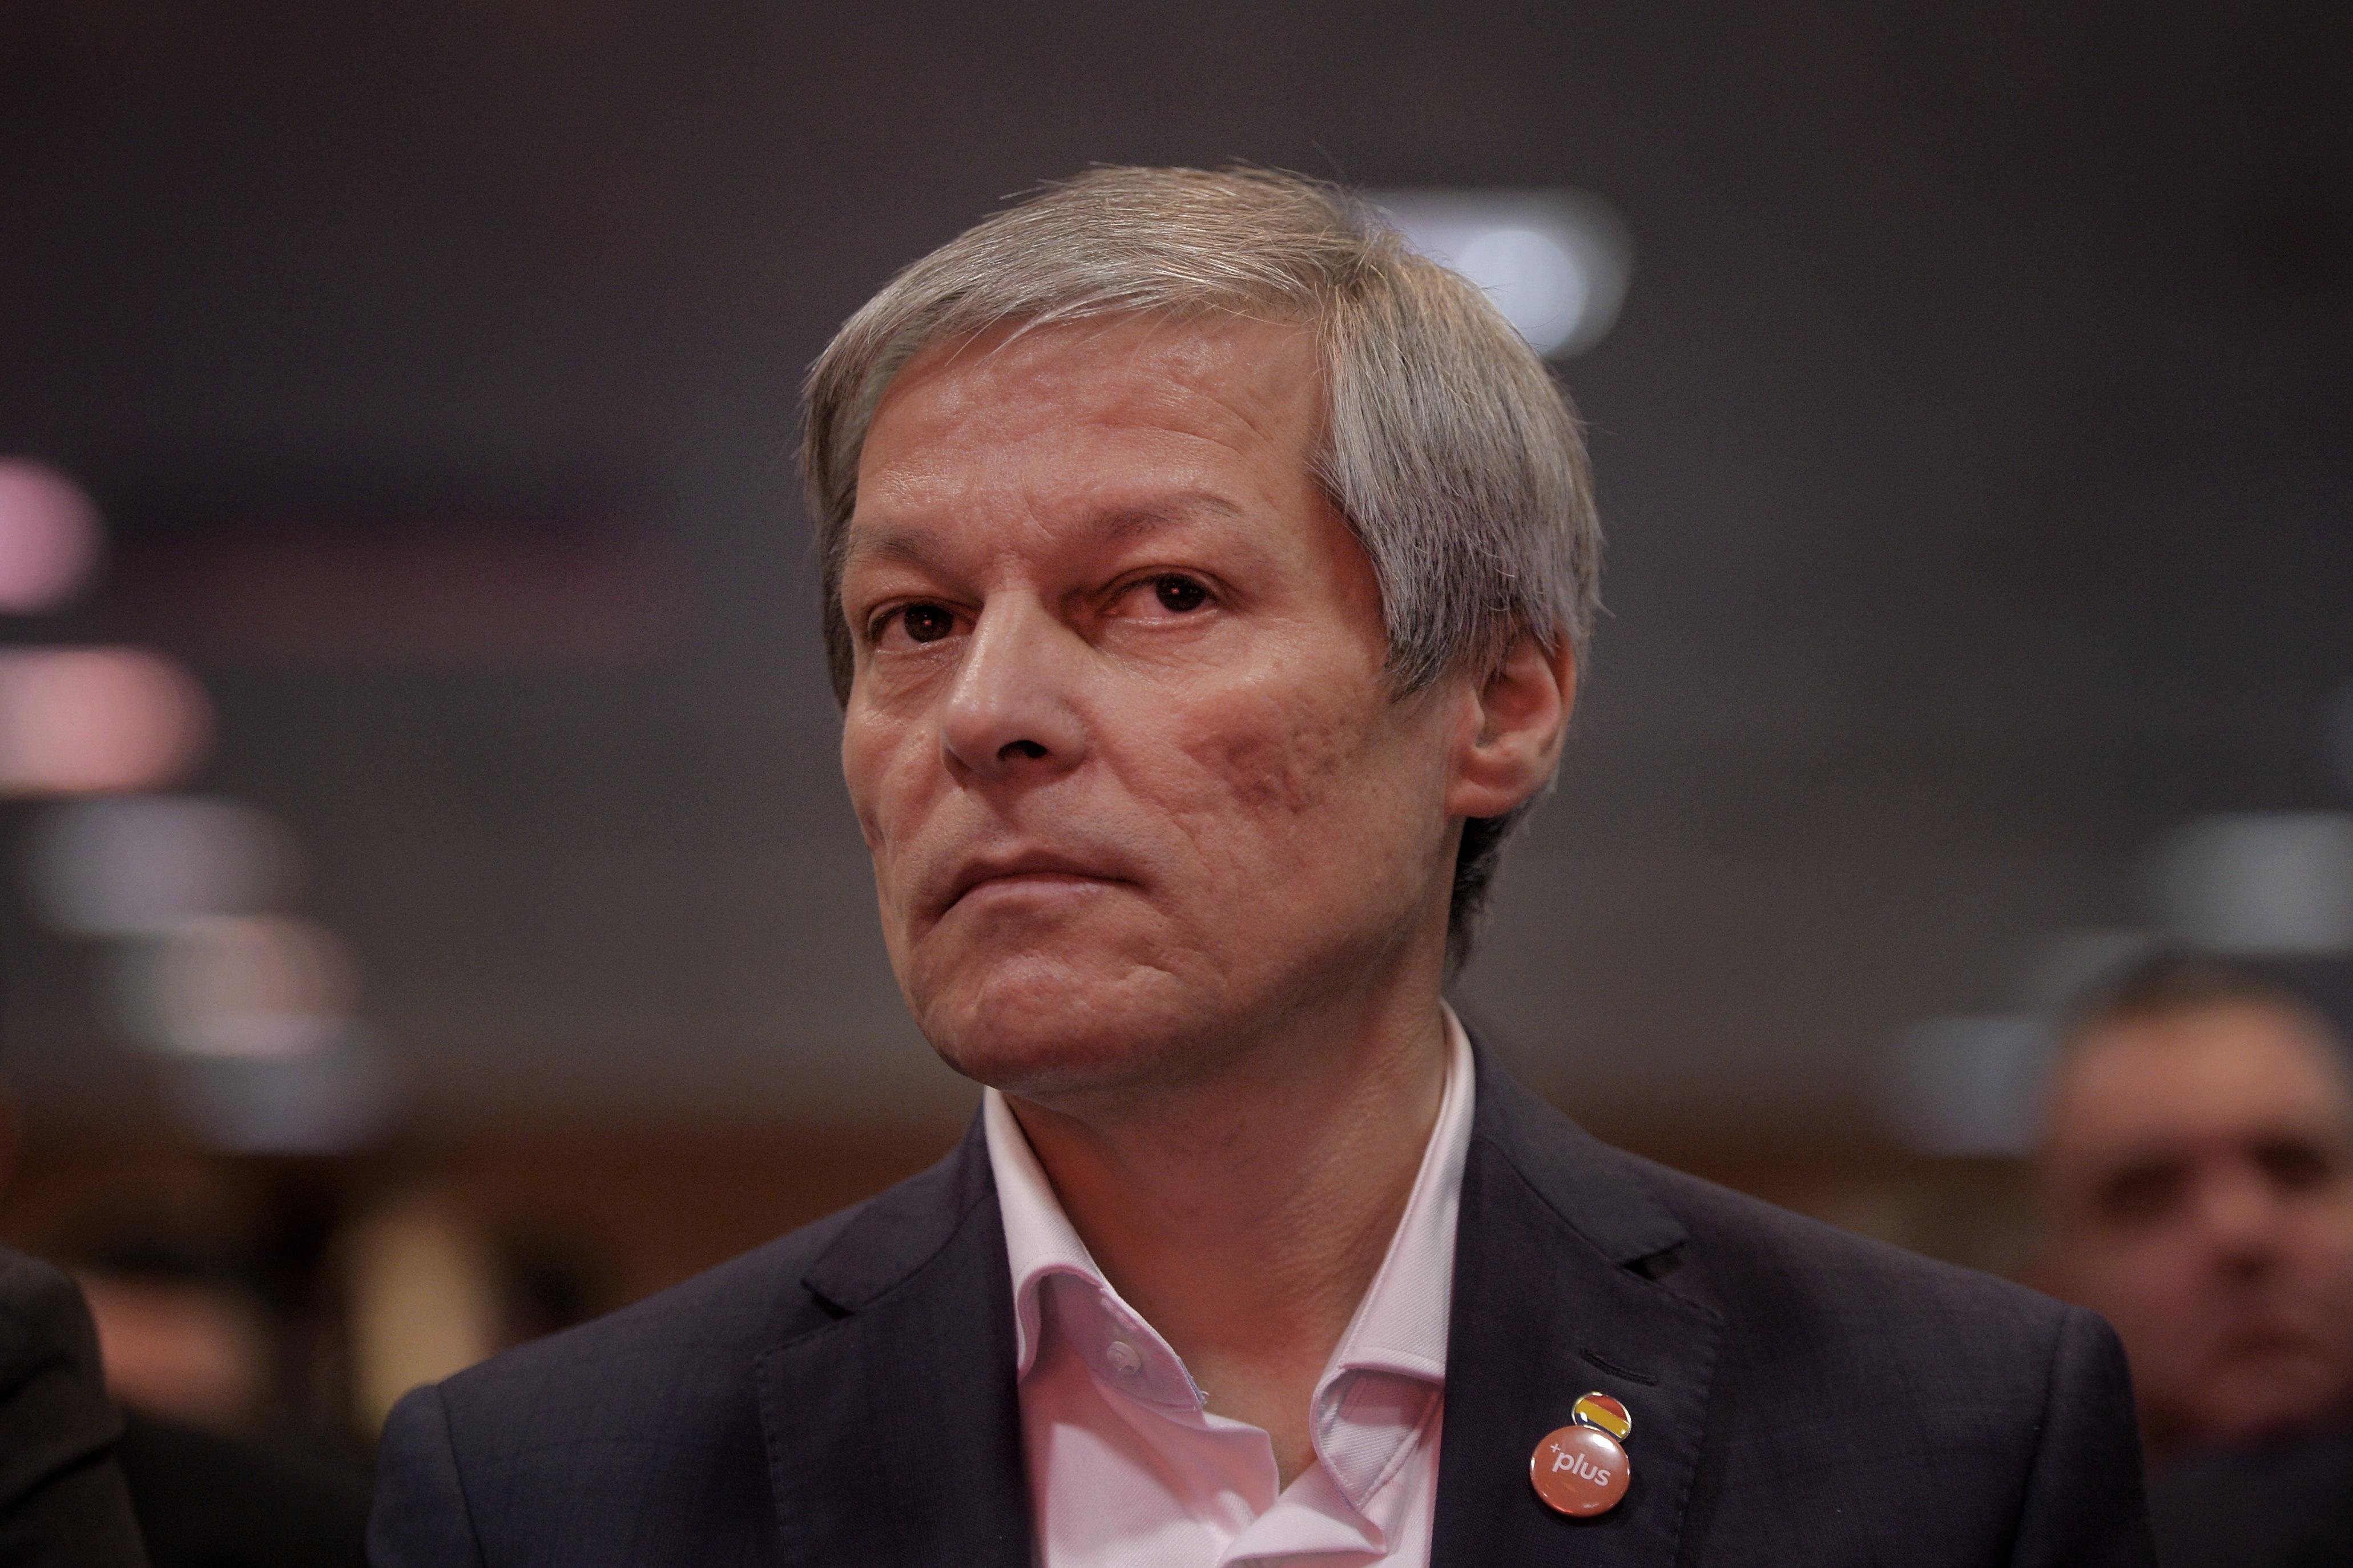 Cioloș lett a liberális EP-frakció vezetője